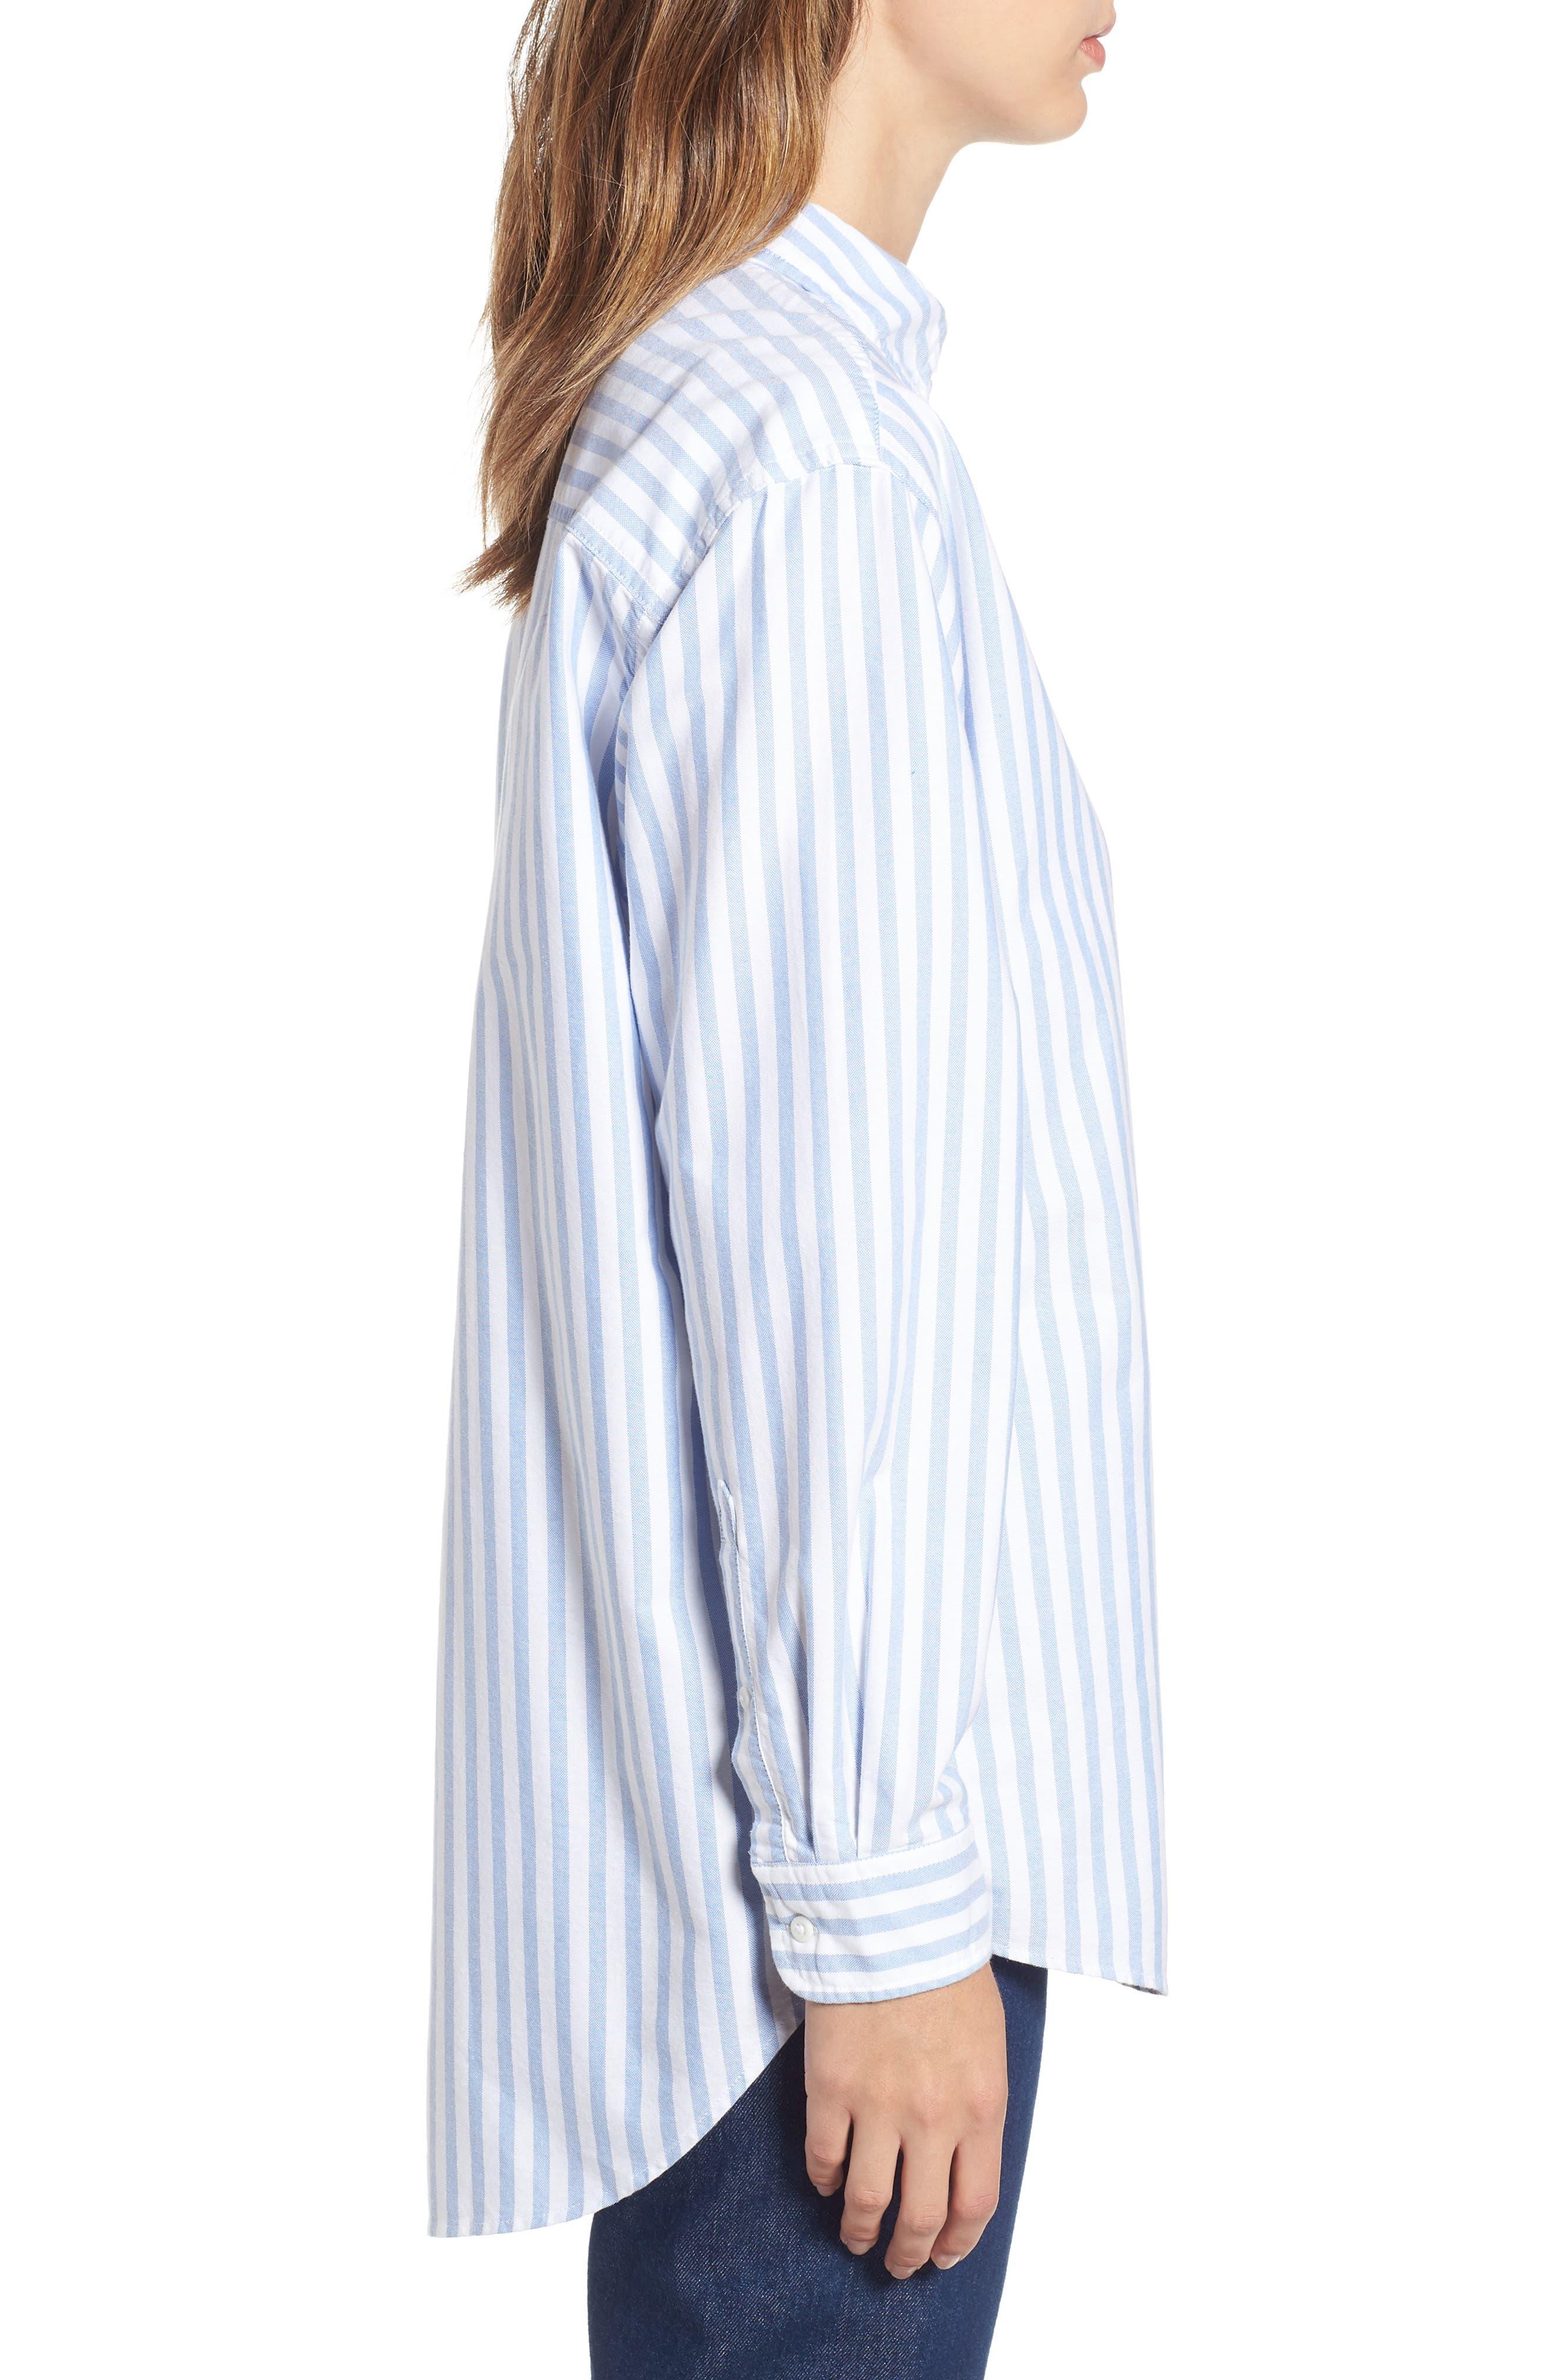 TJW Classics Stripe Shirt,                             Alternate thumbnail 3, color,                             BRIGHT WHITE / LIGHT BLUE